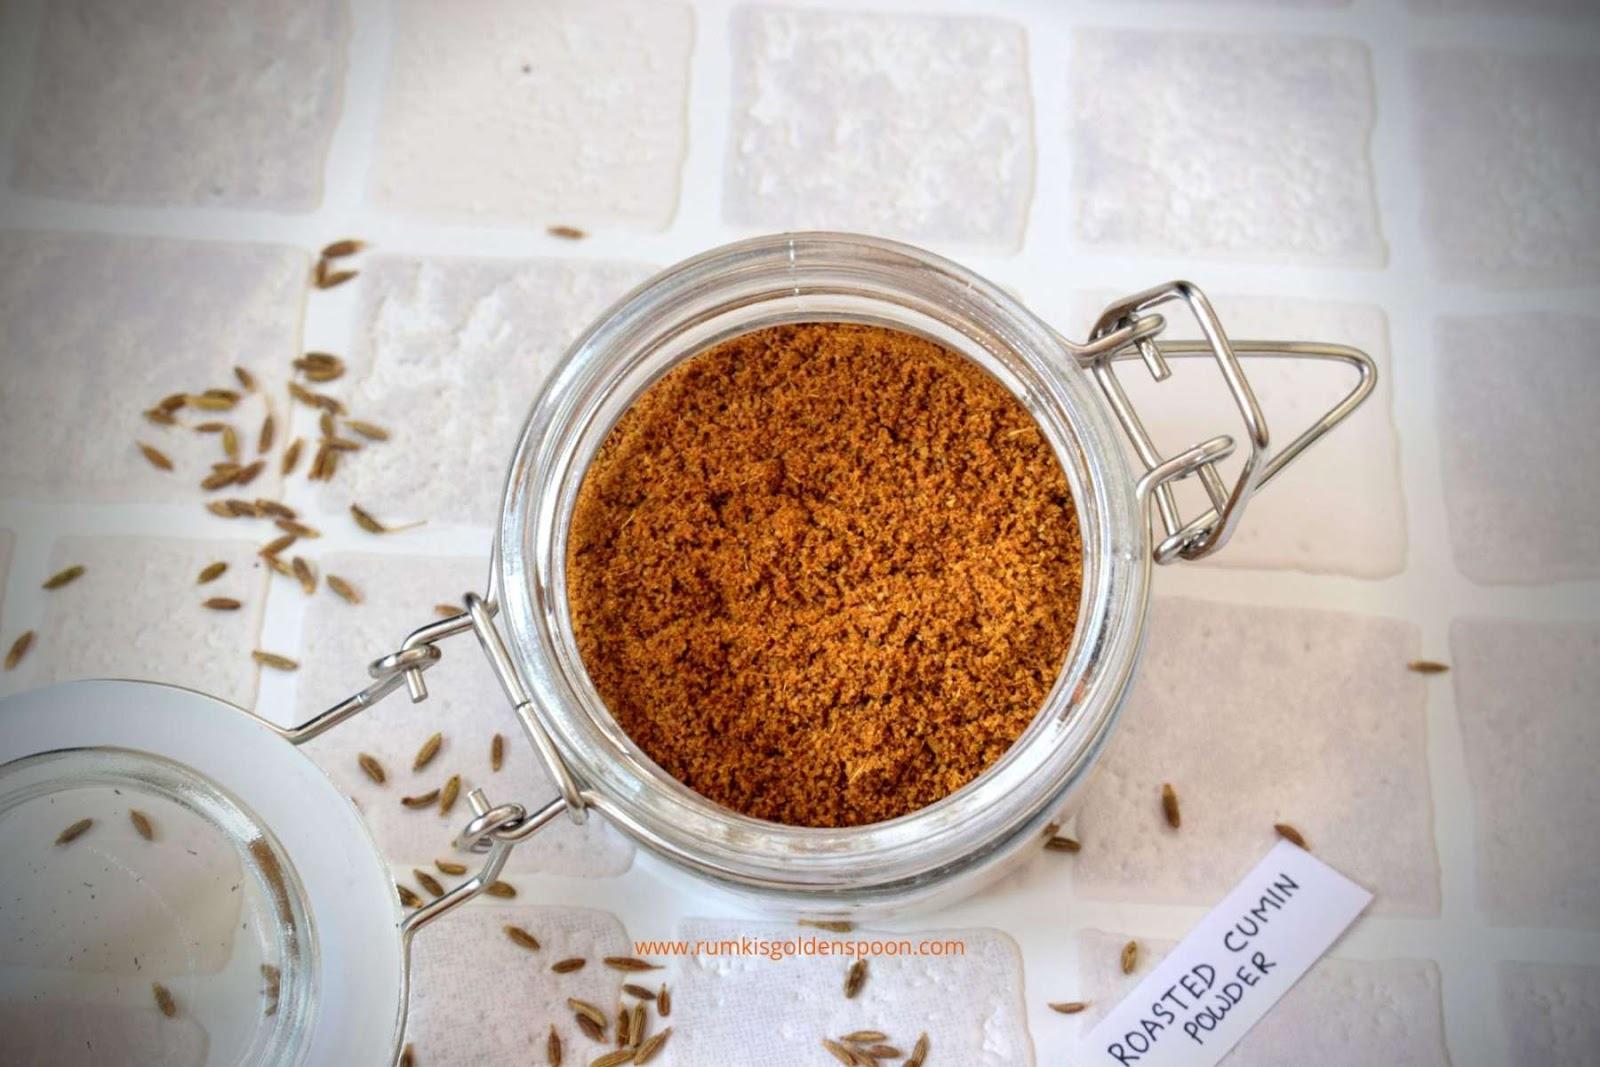 cumin, cumin powder, cumin spice, cumin and curry, what cumin used for, cumin recipes, roasted cumin powder, uses of cumin powder, cumin powder meaning, cumin water benefits, bhuna jeera, how to make cumin powder, DIY recipe, ground cumin, Rumki's Golden Spoon